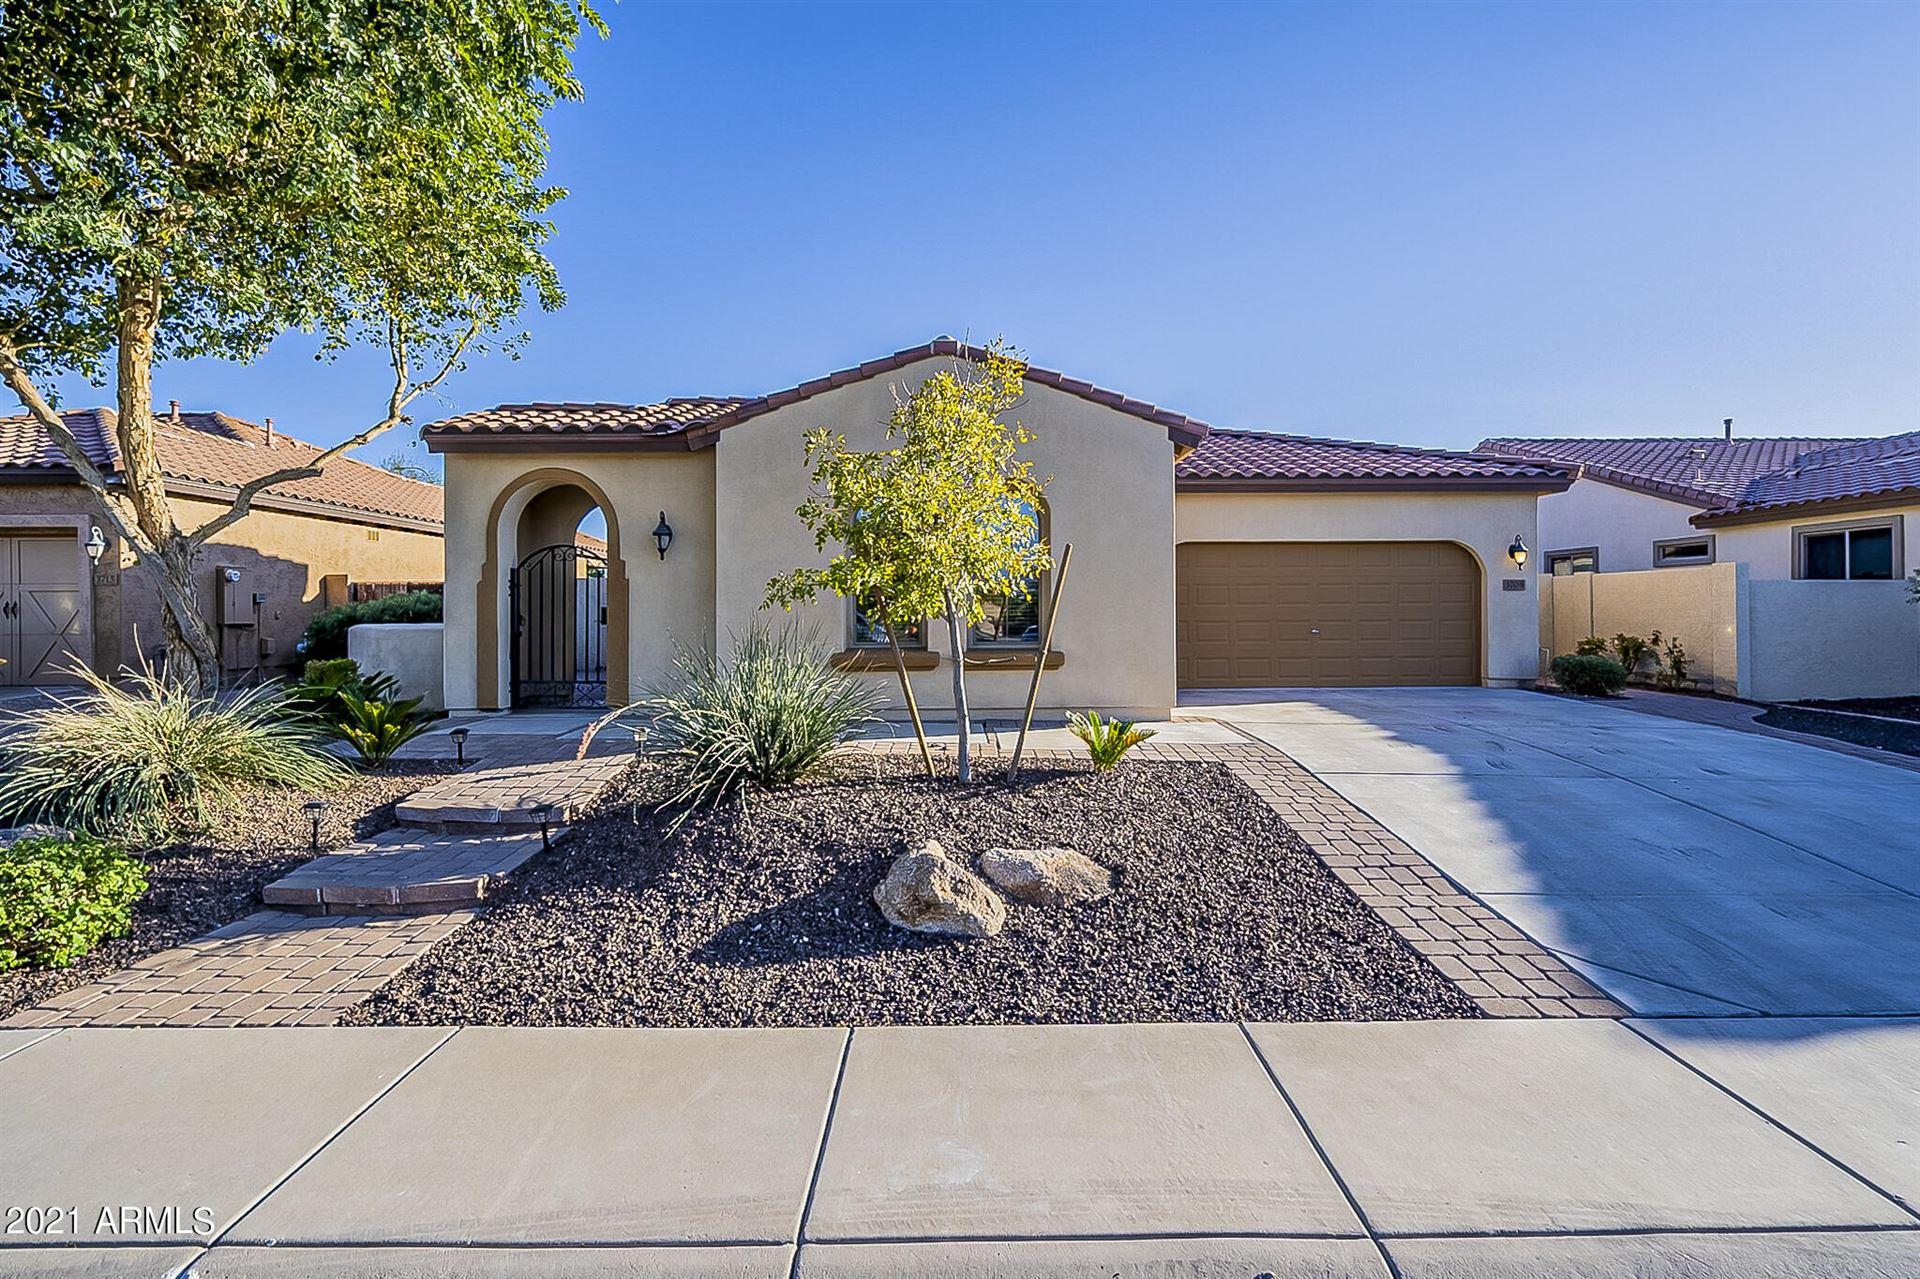 Photo of 3705 E BARTLETT Way, Chandler, AZ 85249 (MLS # 6307831)